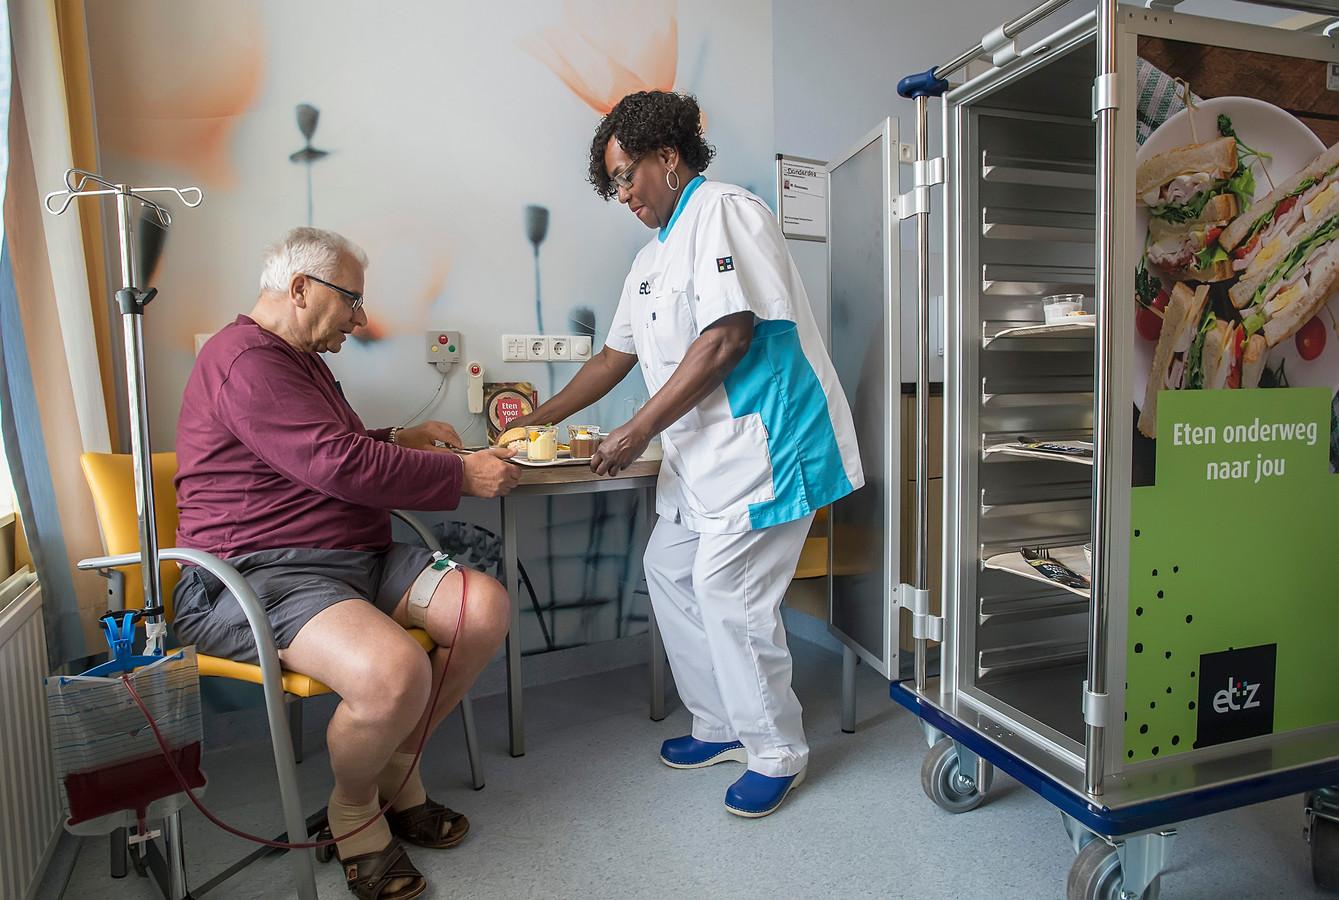 Toon Denissen verheugt zich op de lunch die zorgassistent Jarmine Donas hem brengt op de ziekenhuiskamer.